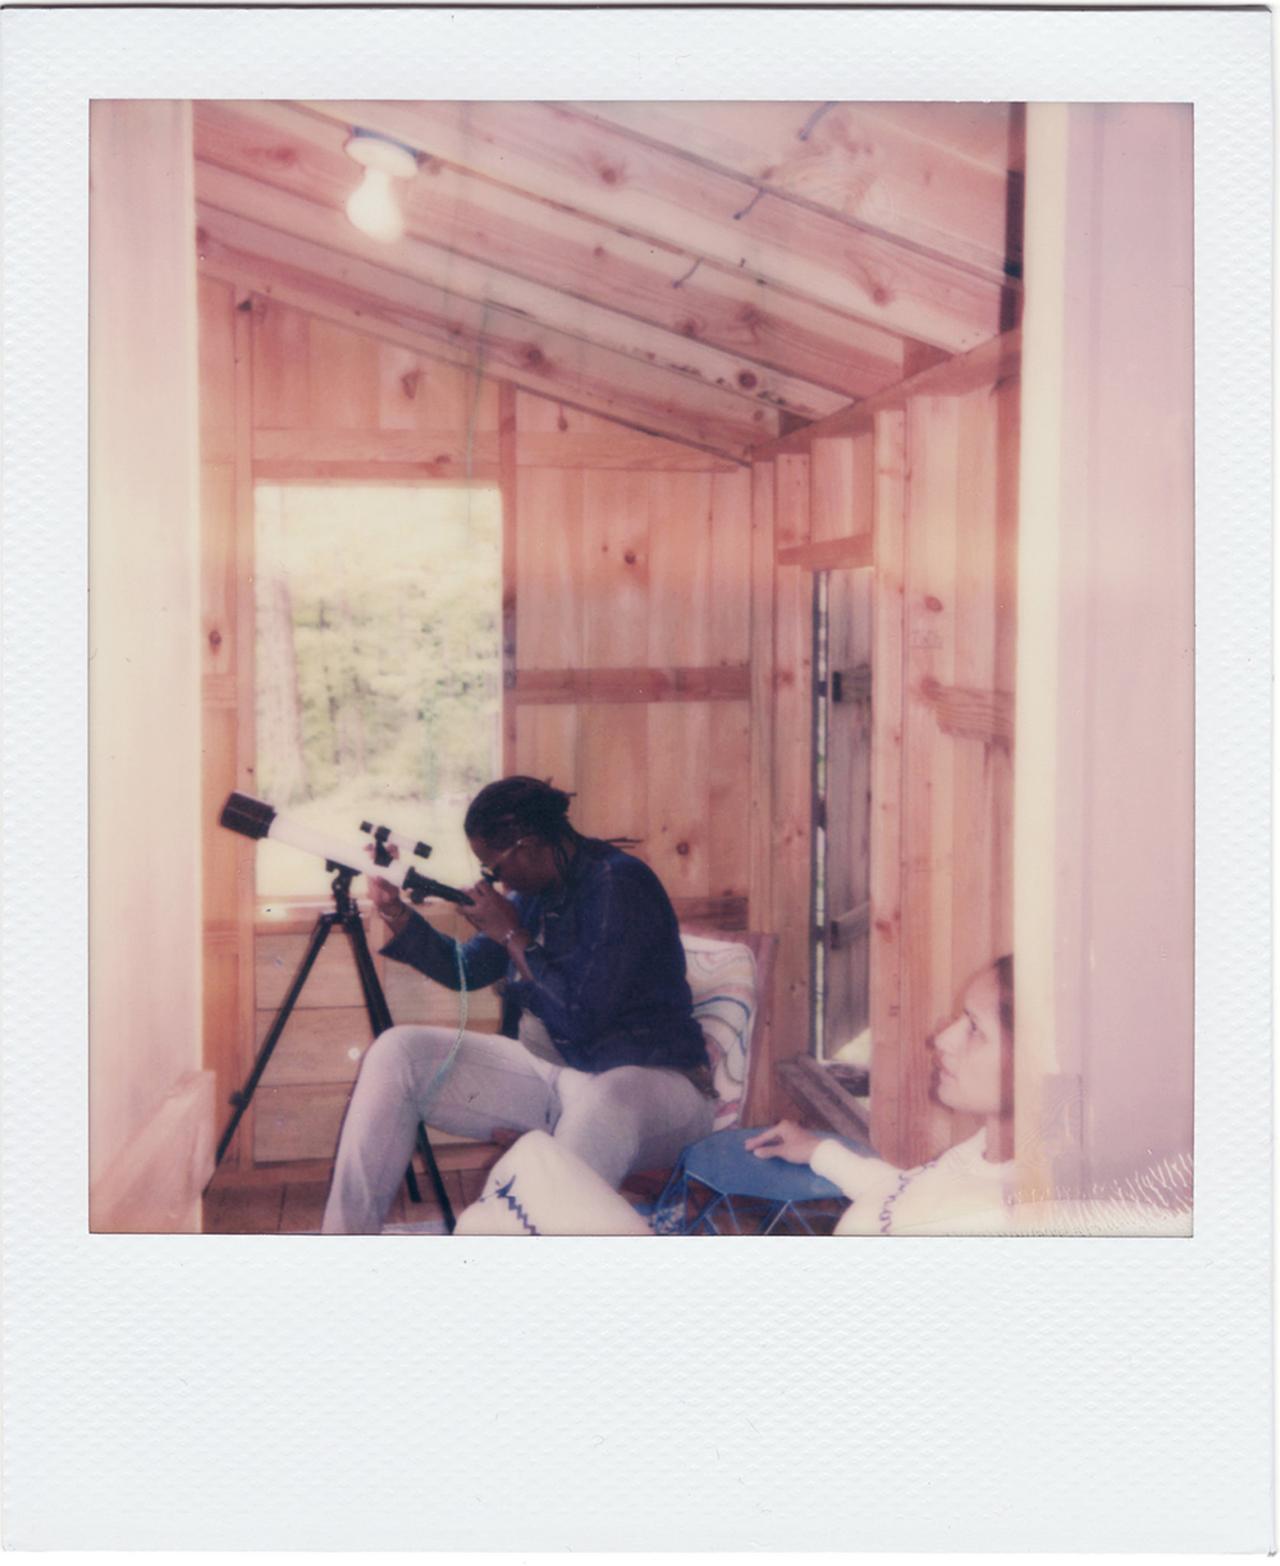 Images : 10番目の画像 - 「ポラロイド写真で綴る ミカリーン・トーマスの一週間」のアルバム - T JAPAN:The New York Times Style Magazine 公式サイト